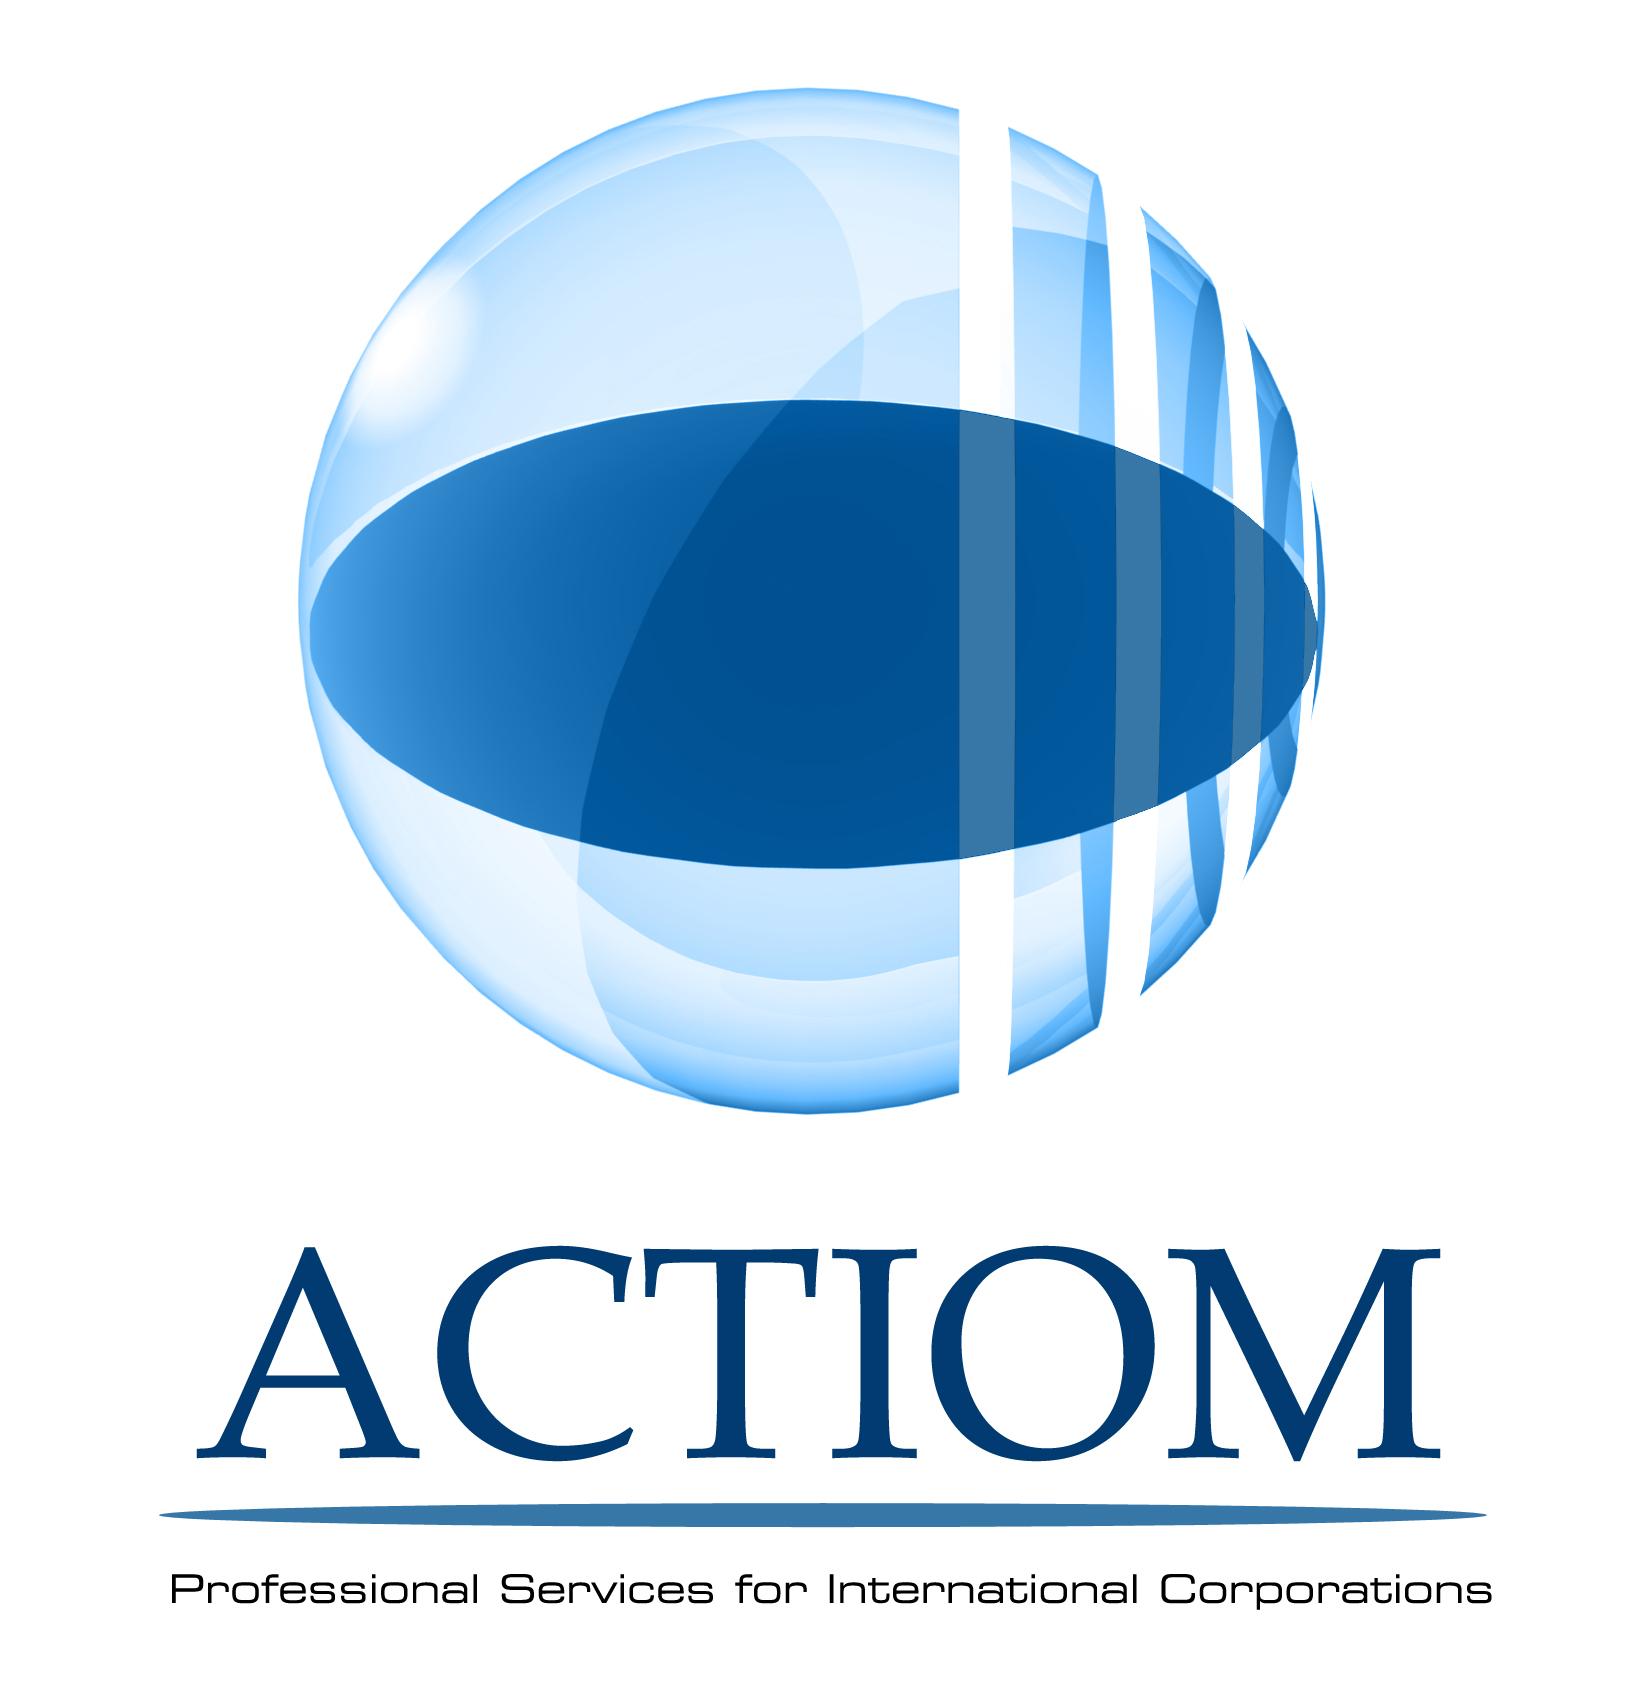 La Societe Actiom Ma Demande De Relooker Son Logo Creer Leur Site Internet Carte Visites Depliants Fardes Cartes Voeux Et Visuels 3d Pour